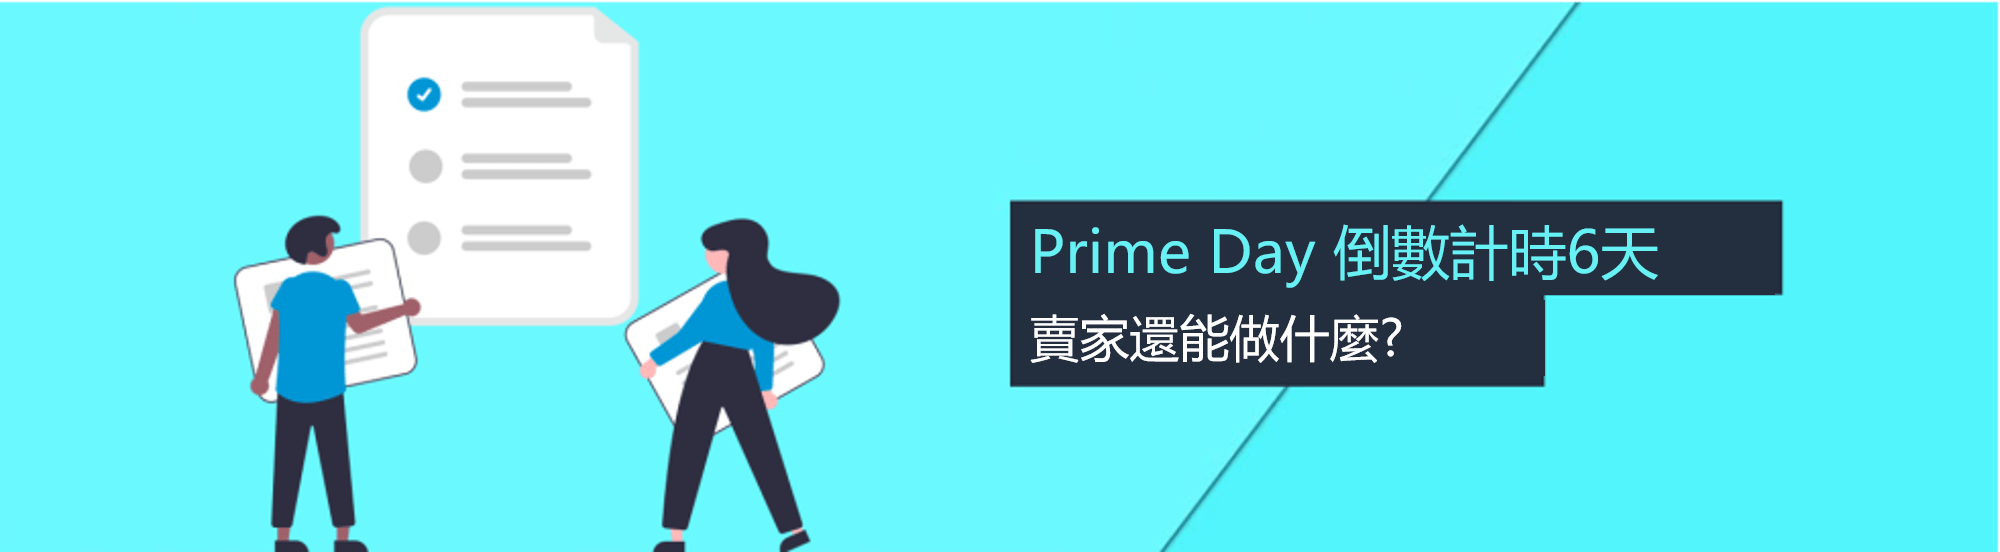 amazon prime day checklist